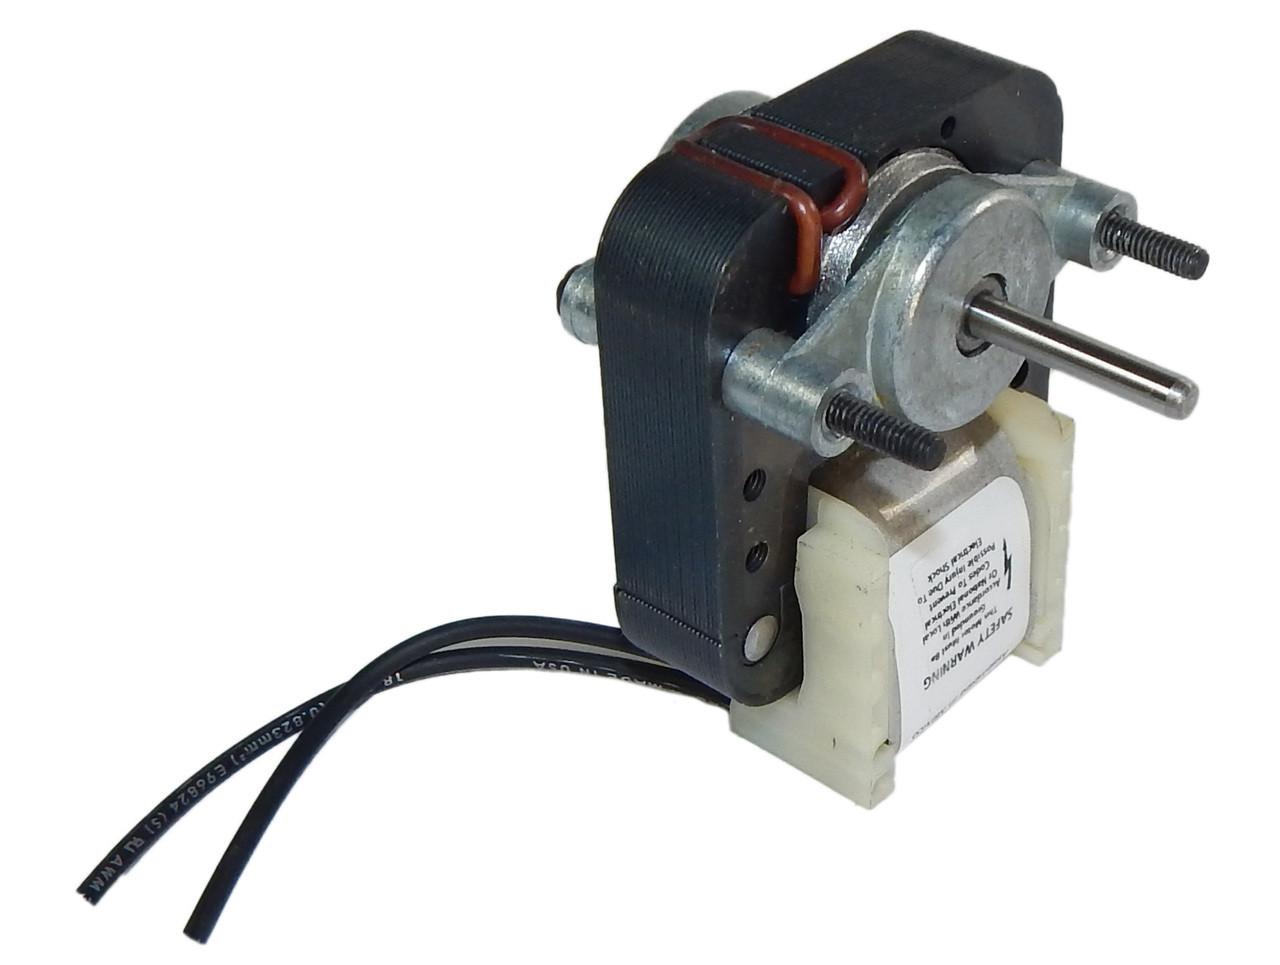 medium resolution of ventilation fan motor wiring diagram in